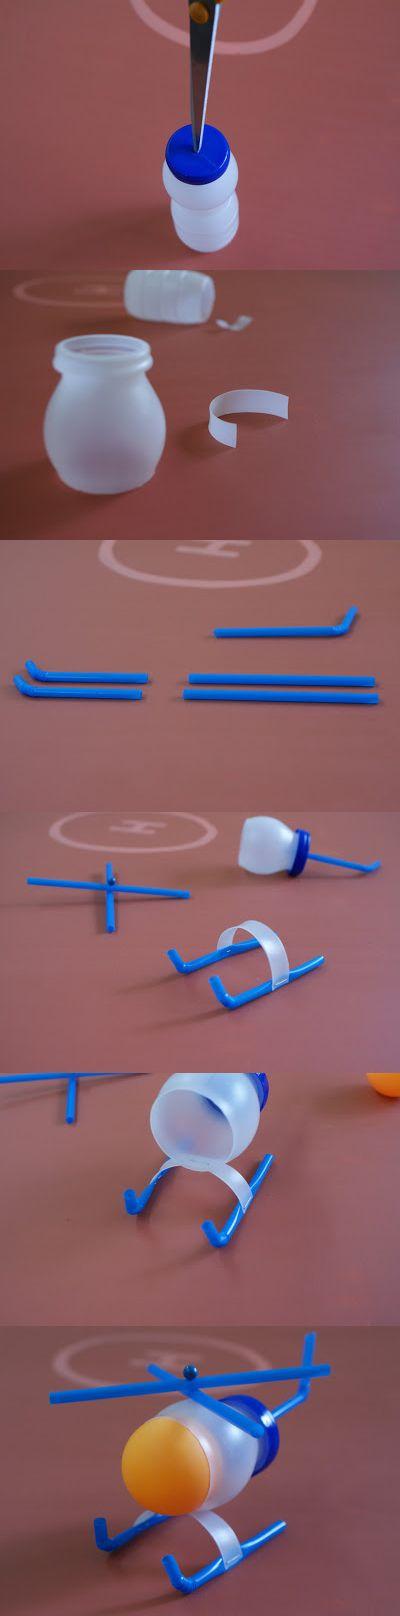 DIY - 5 brinquedos para crianças com materiais reciclados!